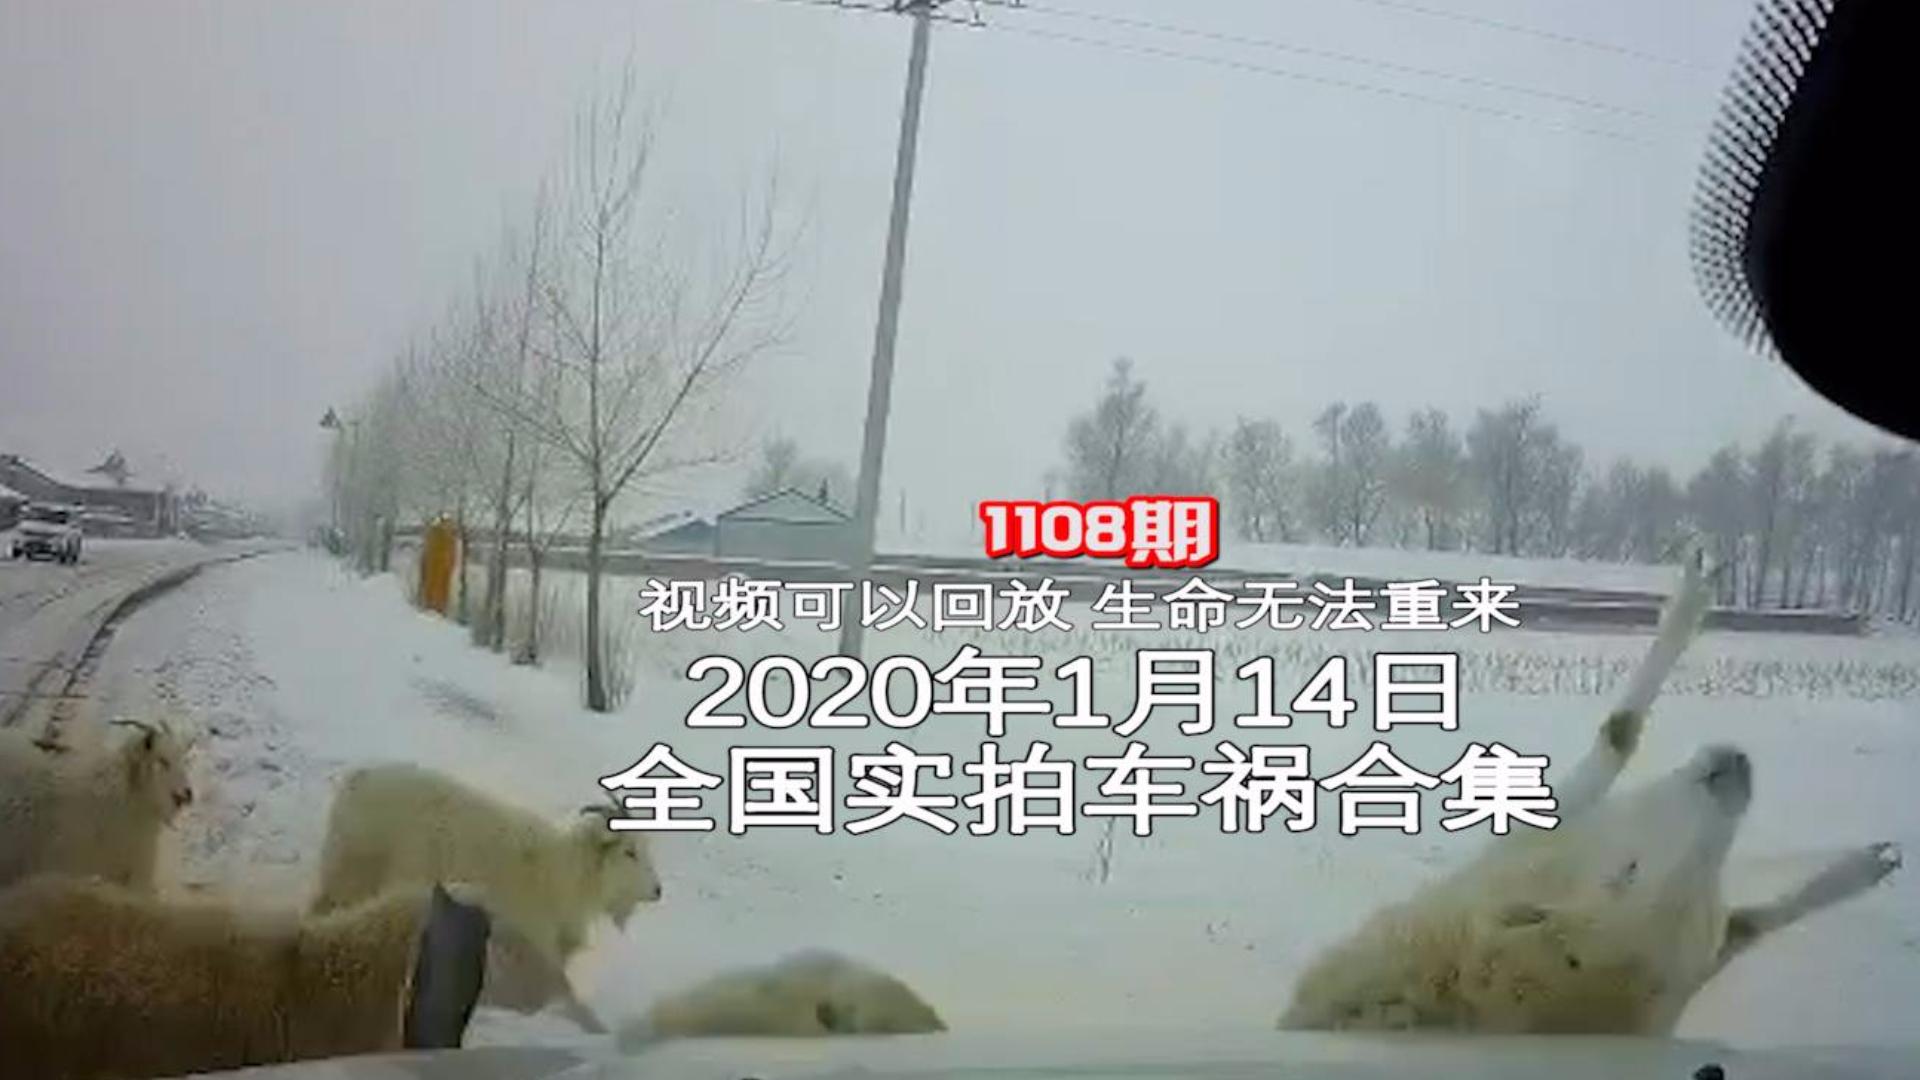 1108期:大雾天逆向超车险撞上迎面而来的大货车【20200114全国车祸合集】